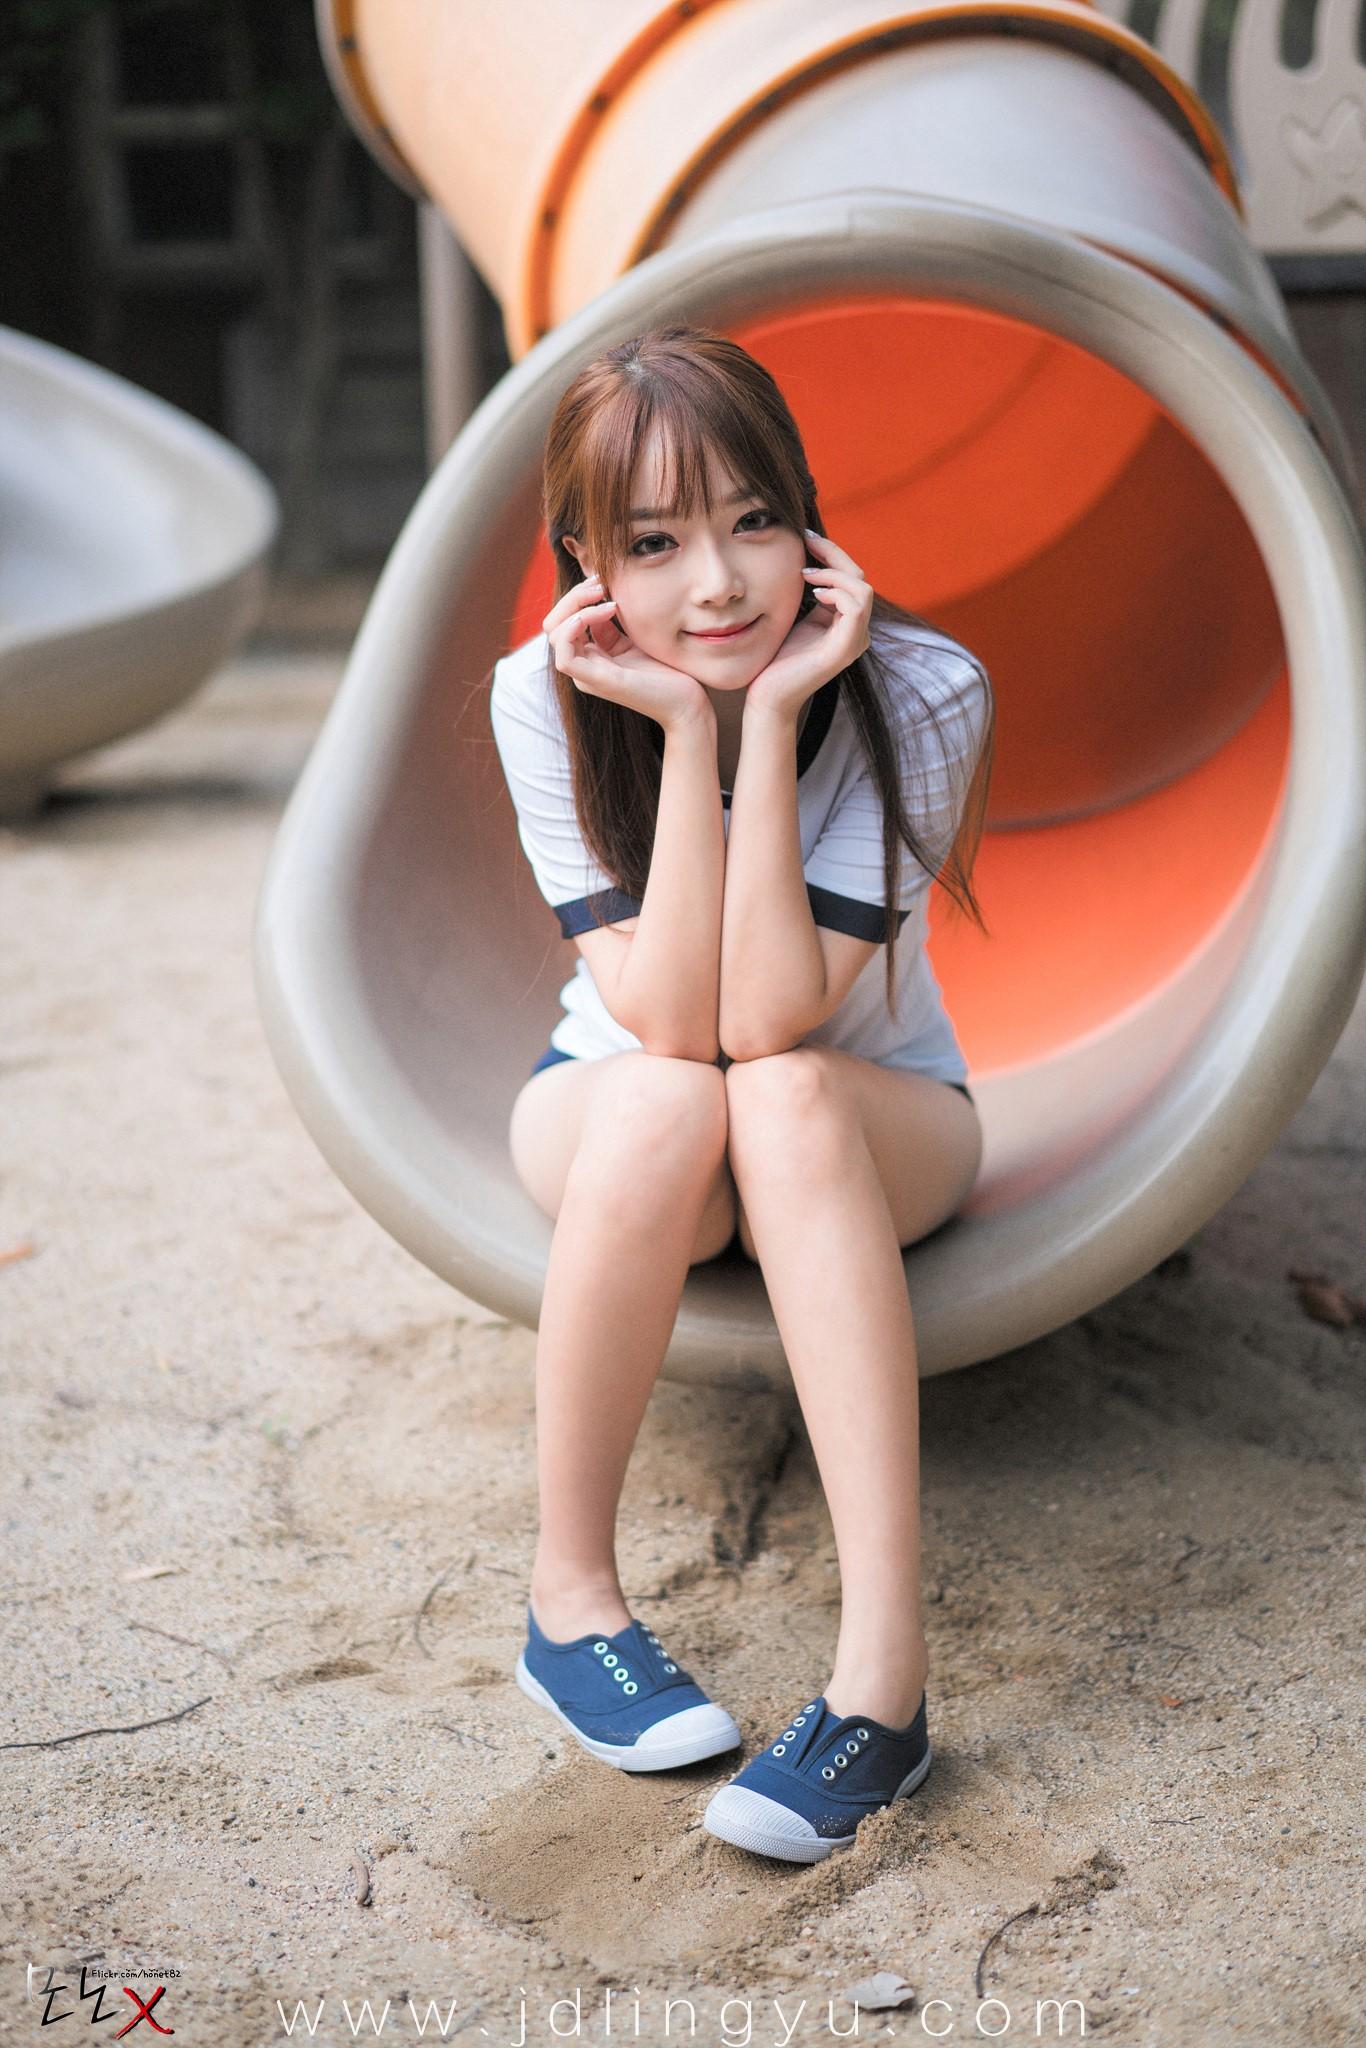 日系少女风格插图